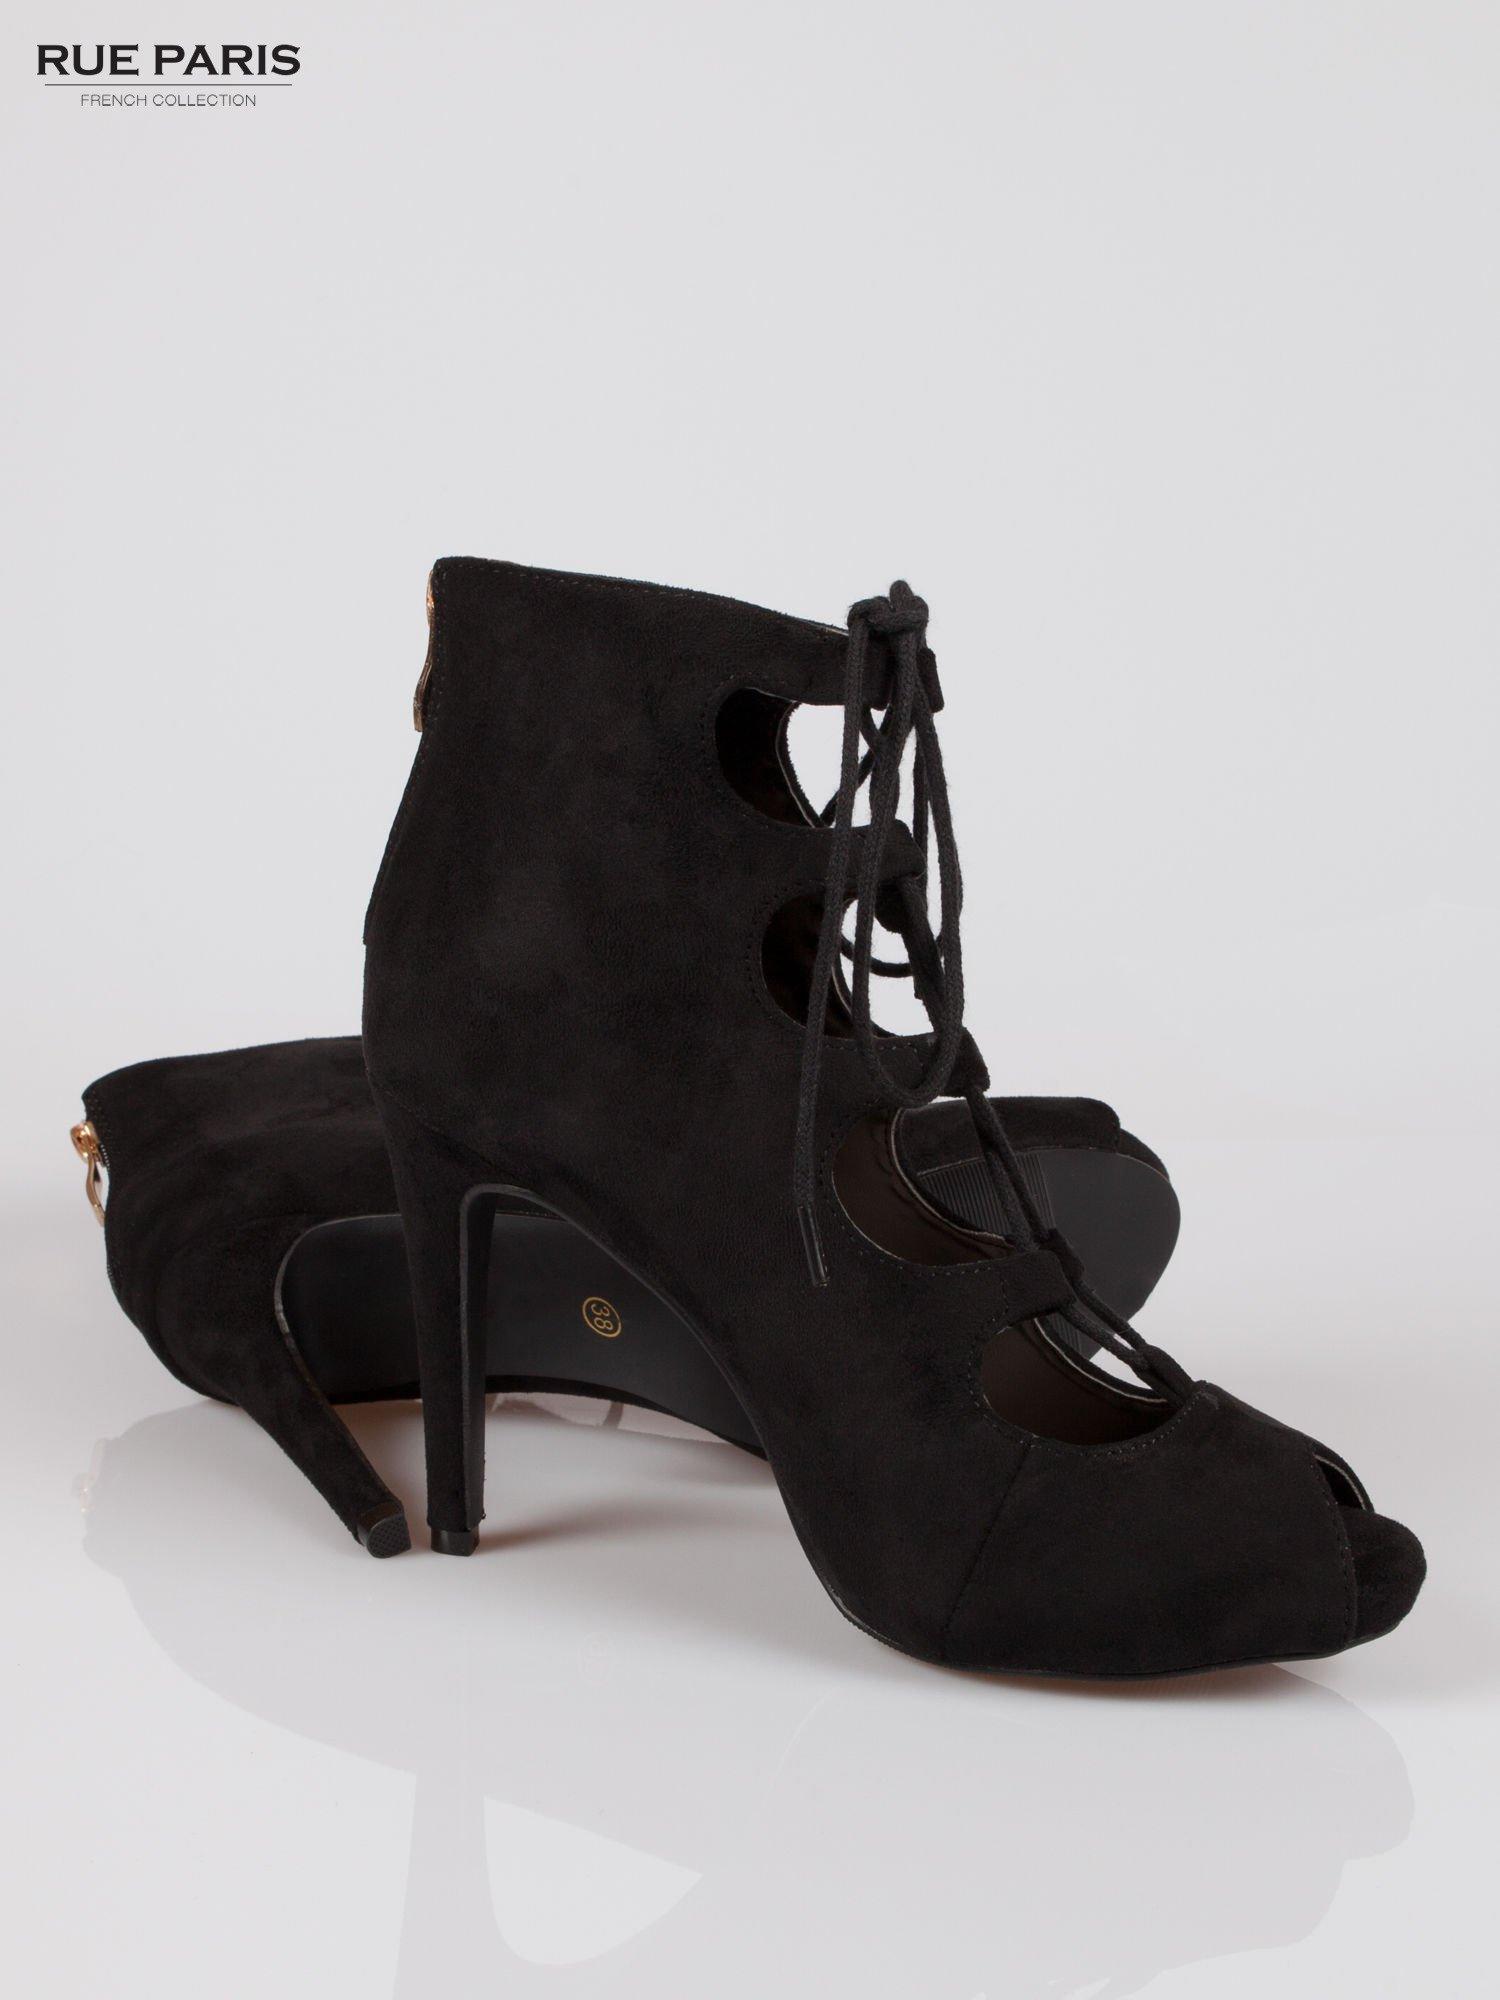 Czarne sznurowane botki lace up open toe z zamkiem                                  zdj.                                  4